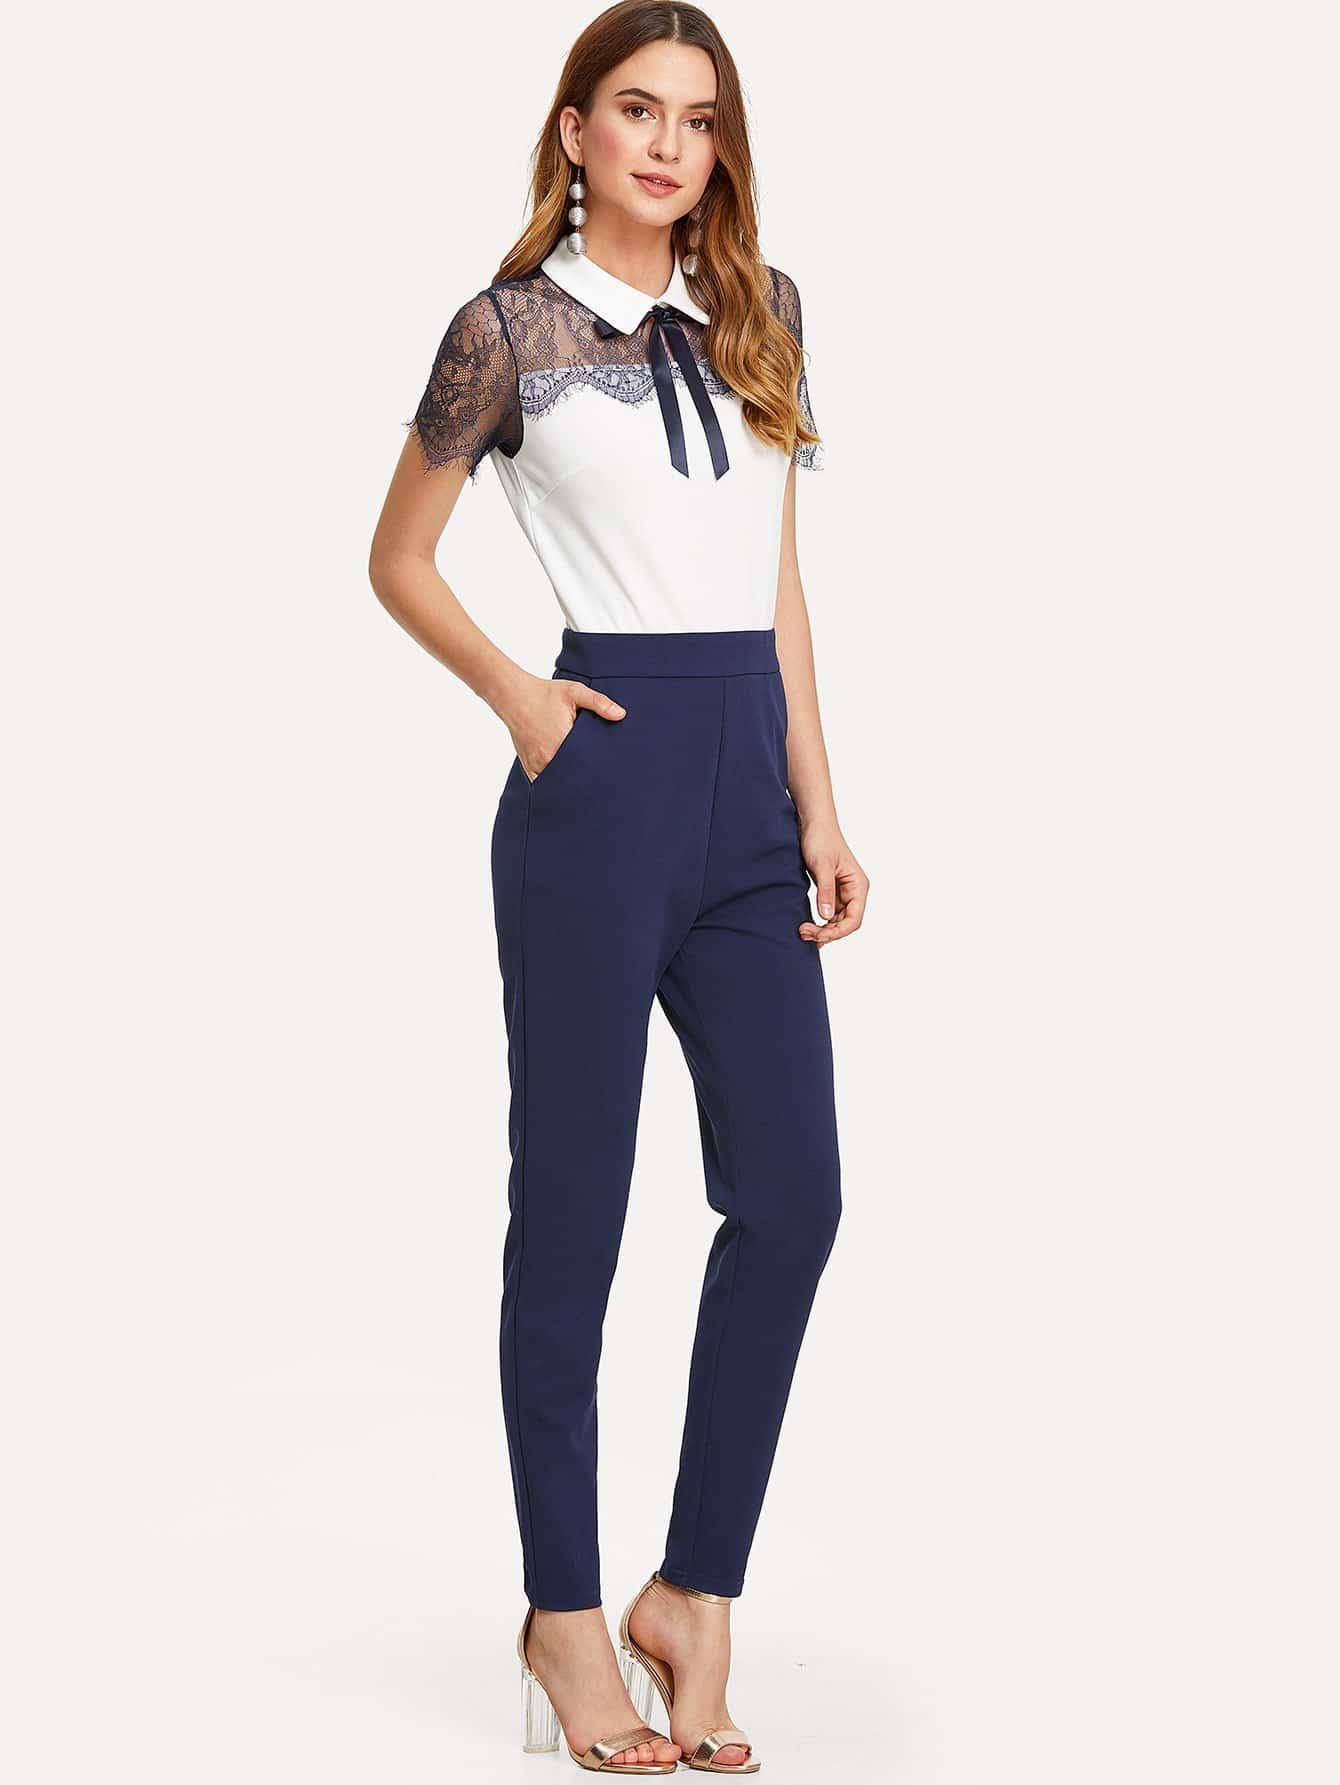 Lace Yoke Eyelash Trim Solid Jumpsuit lace trim solid top